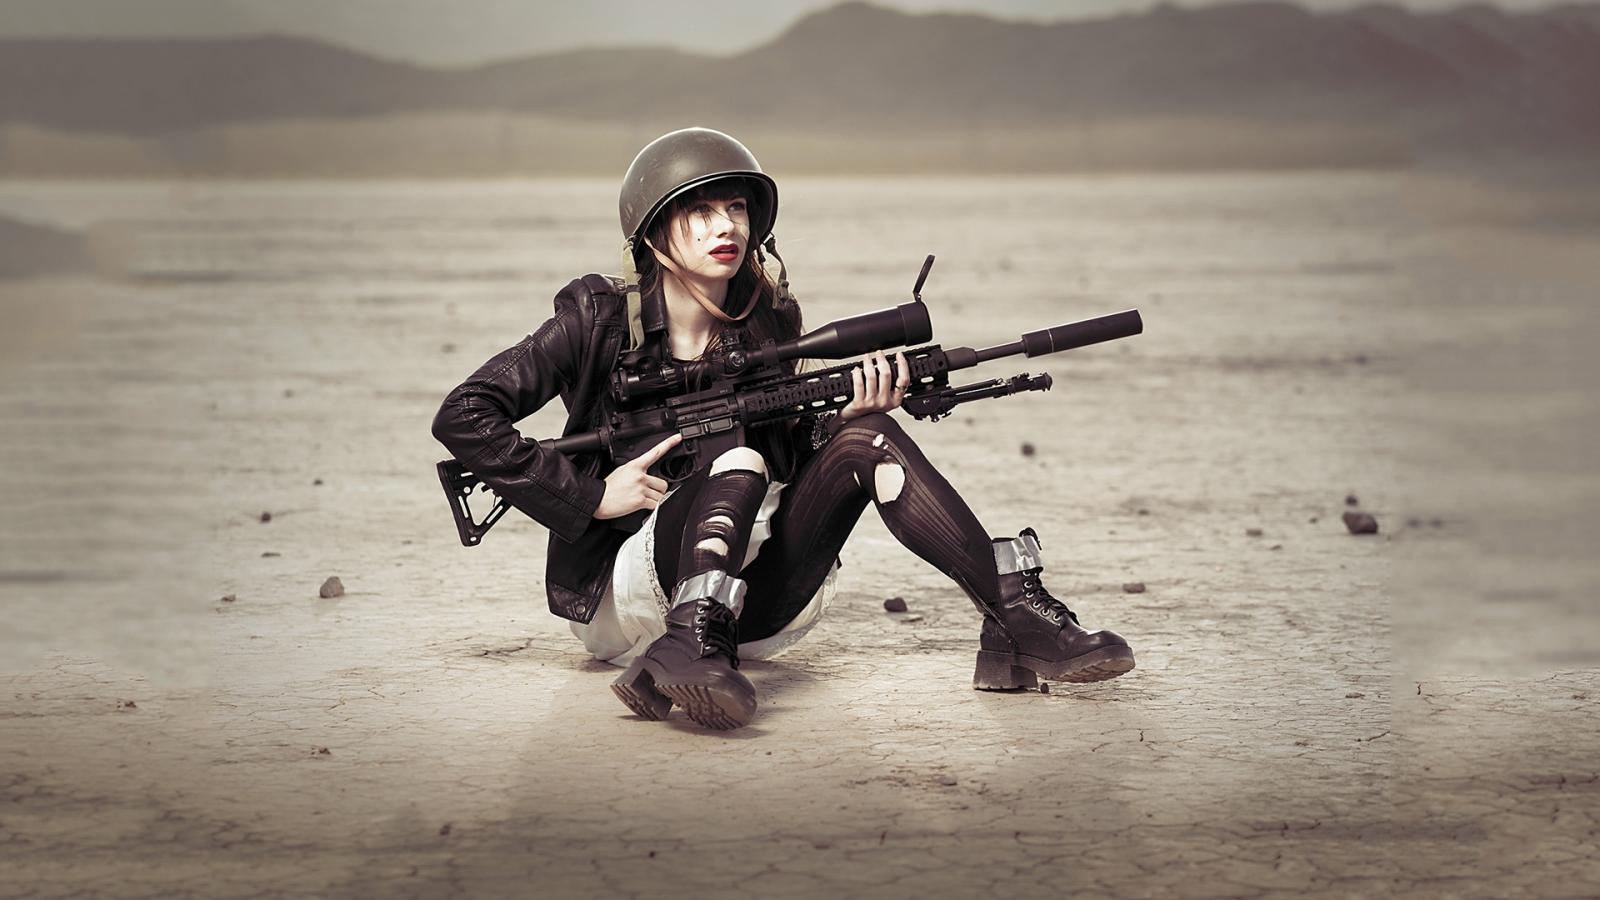 Una chica francotirador - 1600x900